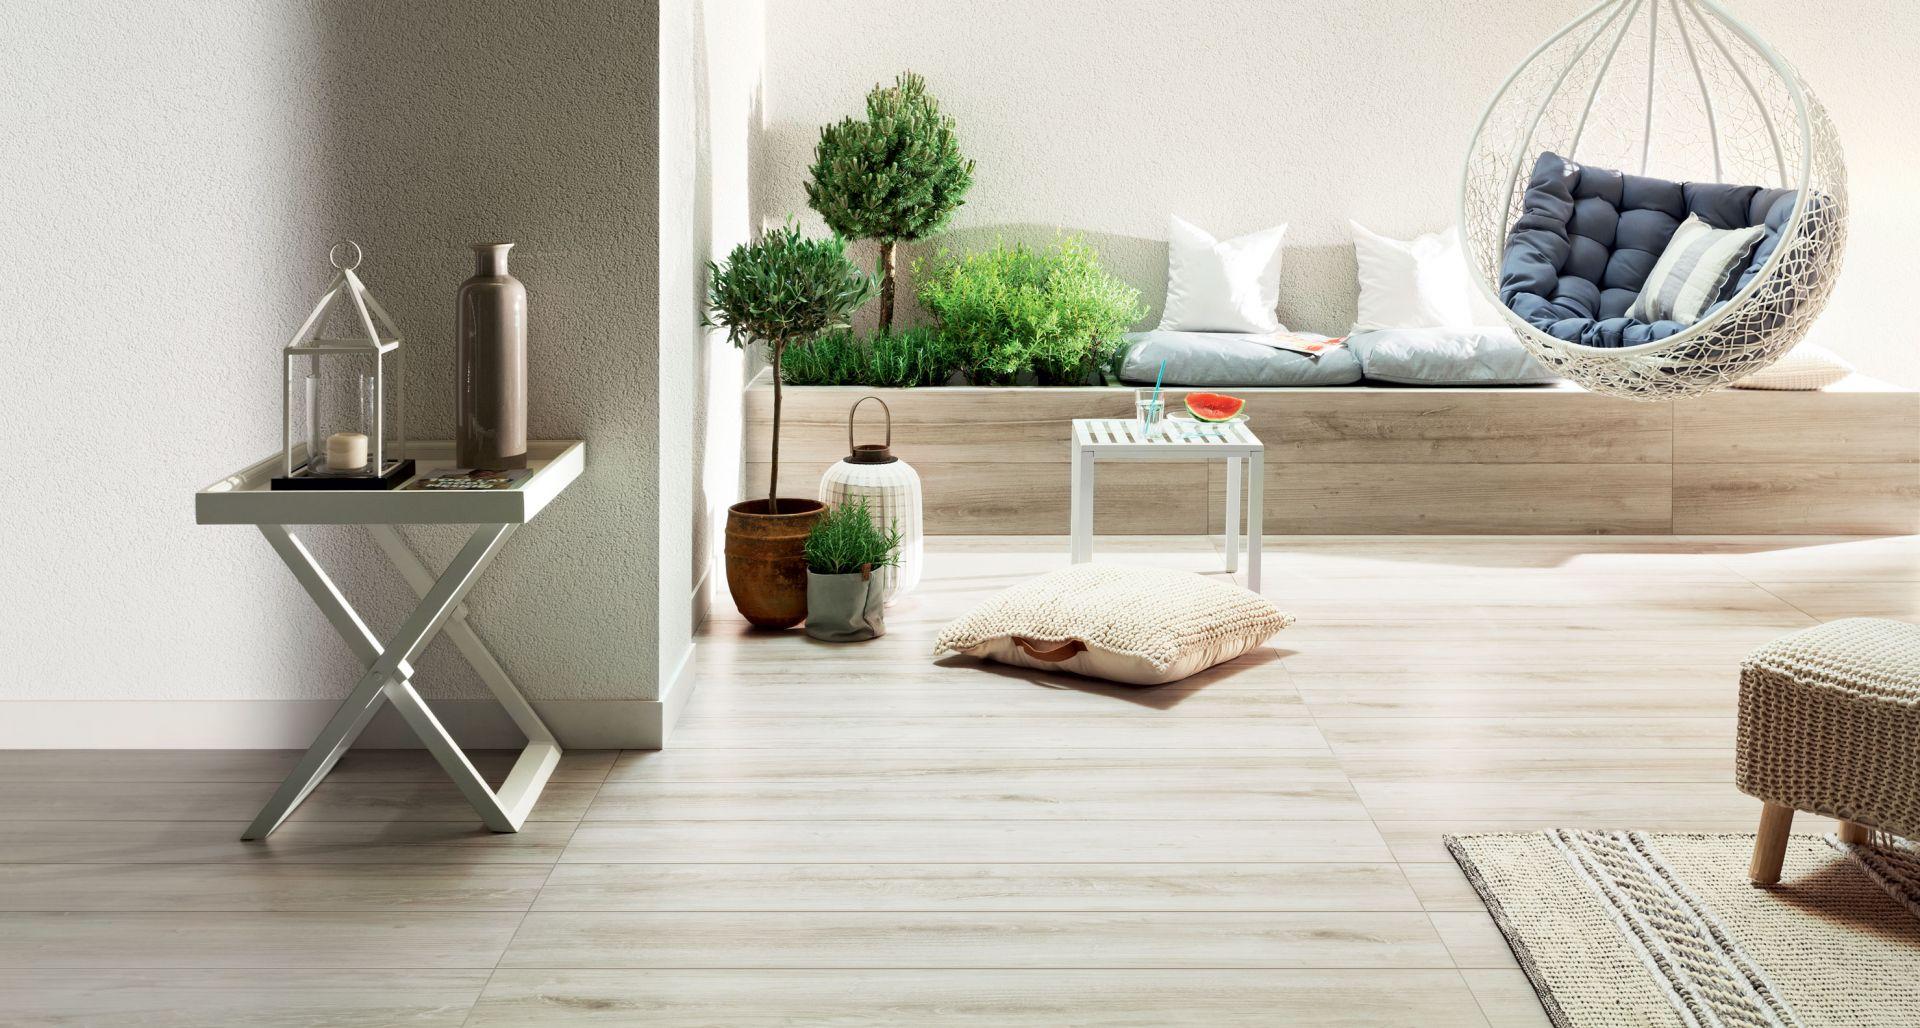 Aranżacja tarasu z wykorzystaniem płytek gresowych Wood Craft grey STR marki Korzilius.